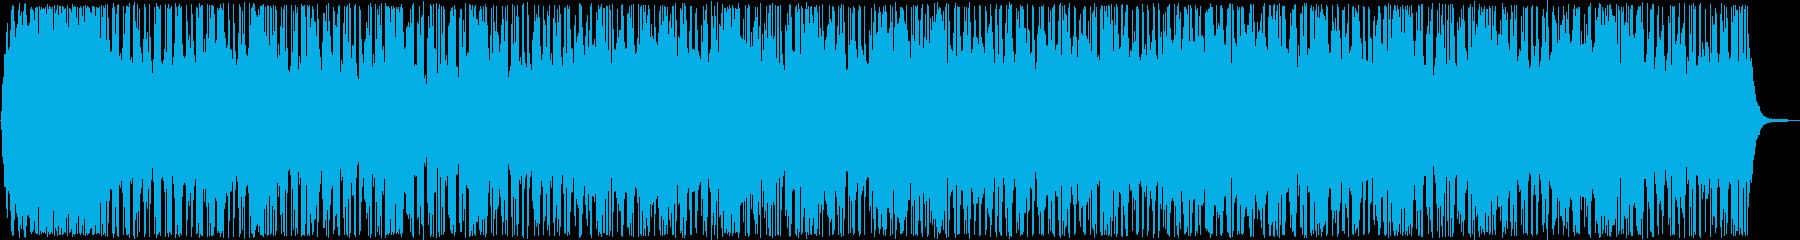 ファンタジーなシンセ・打楽器などの曲の再生済みの波形